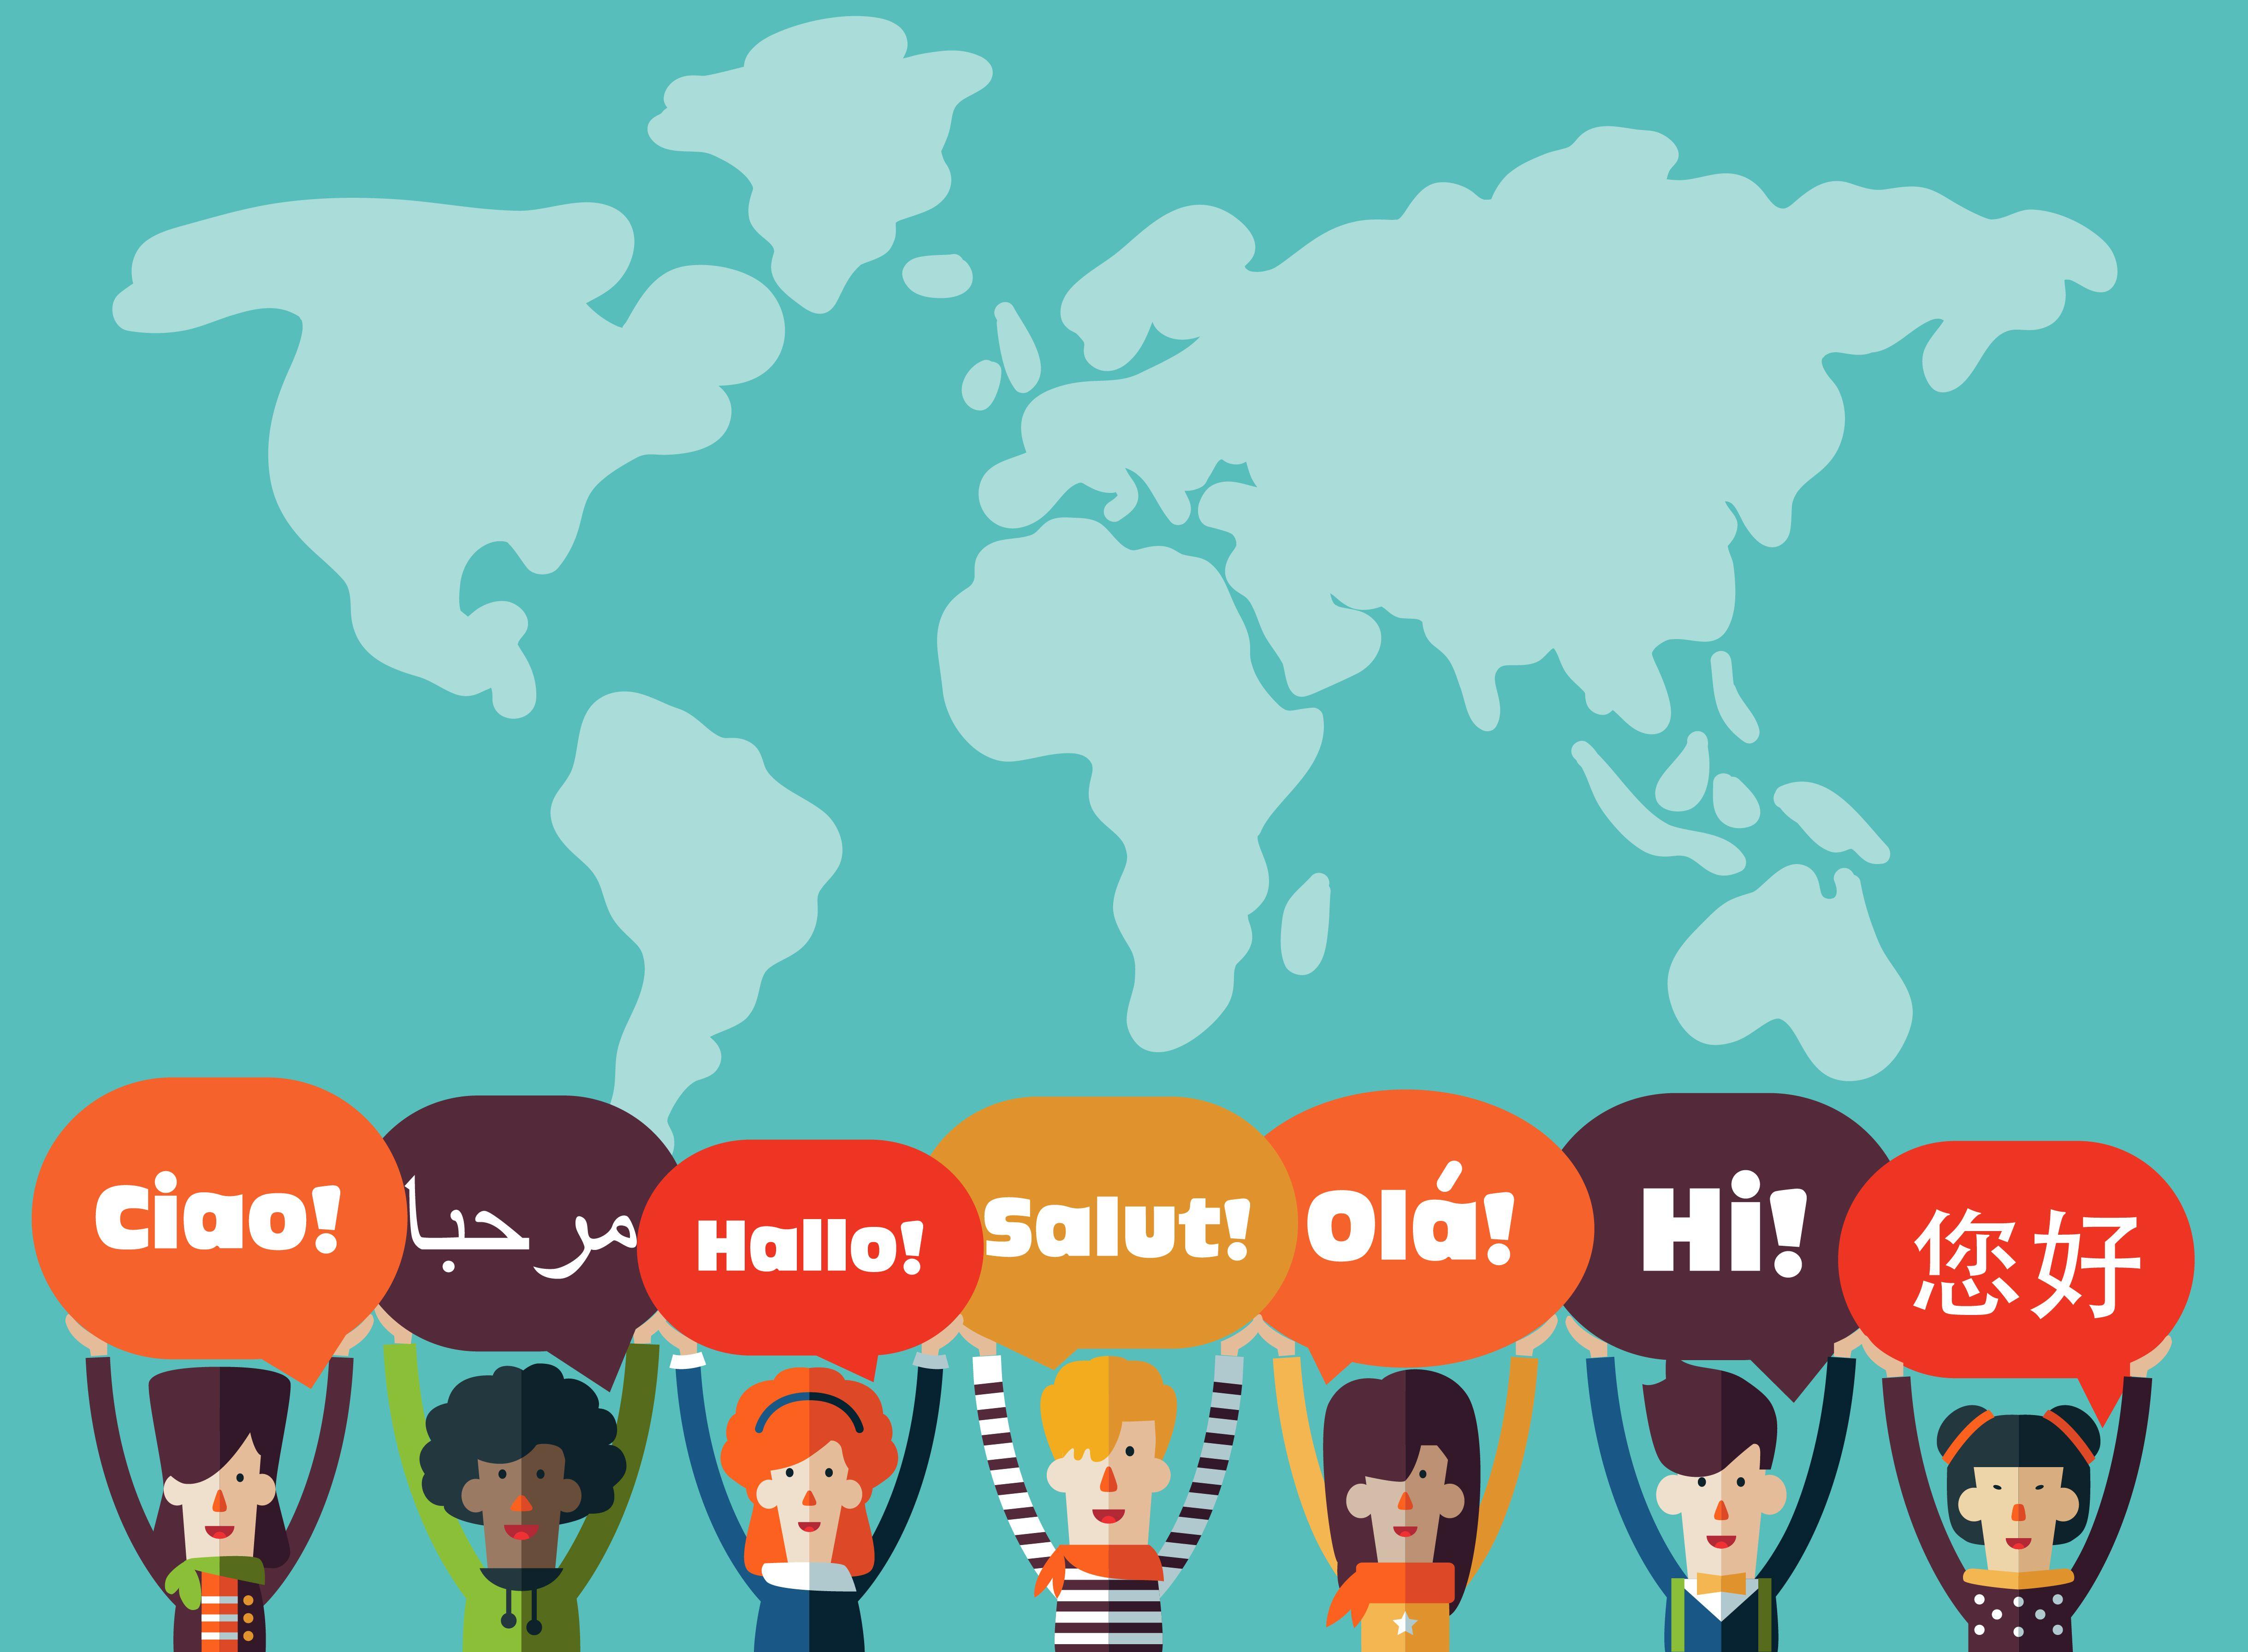 Cómo Decir Hola Y Su Pronunciación En Diferentes Idiomas En Francés Bonjour Bon Zhur En Griego ει Escuela De Idiomas Comunicacion Efectiva Aprendizaje